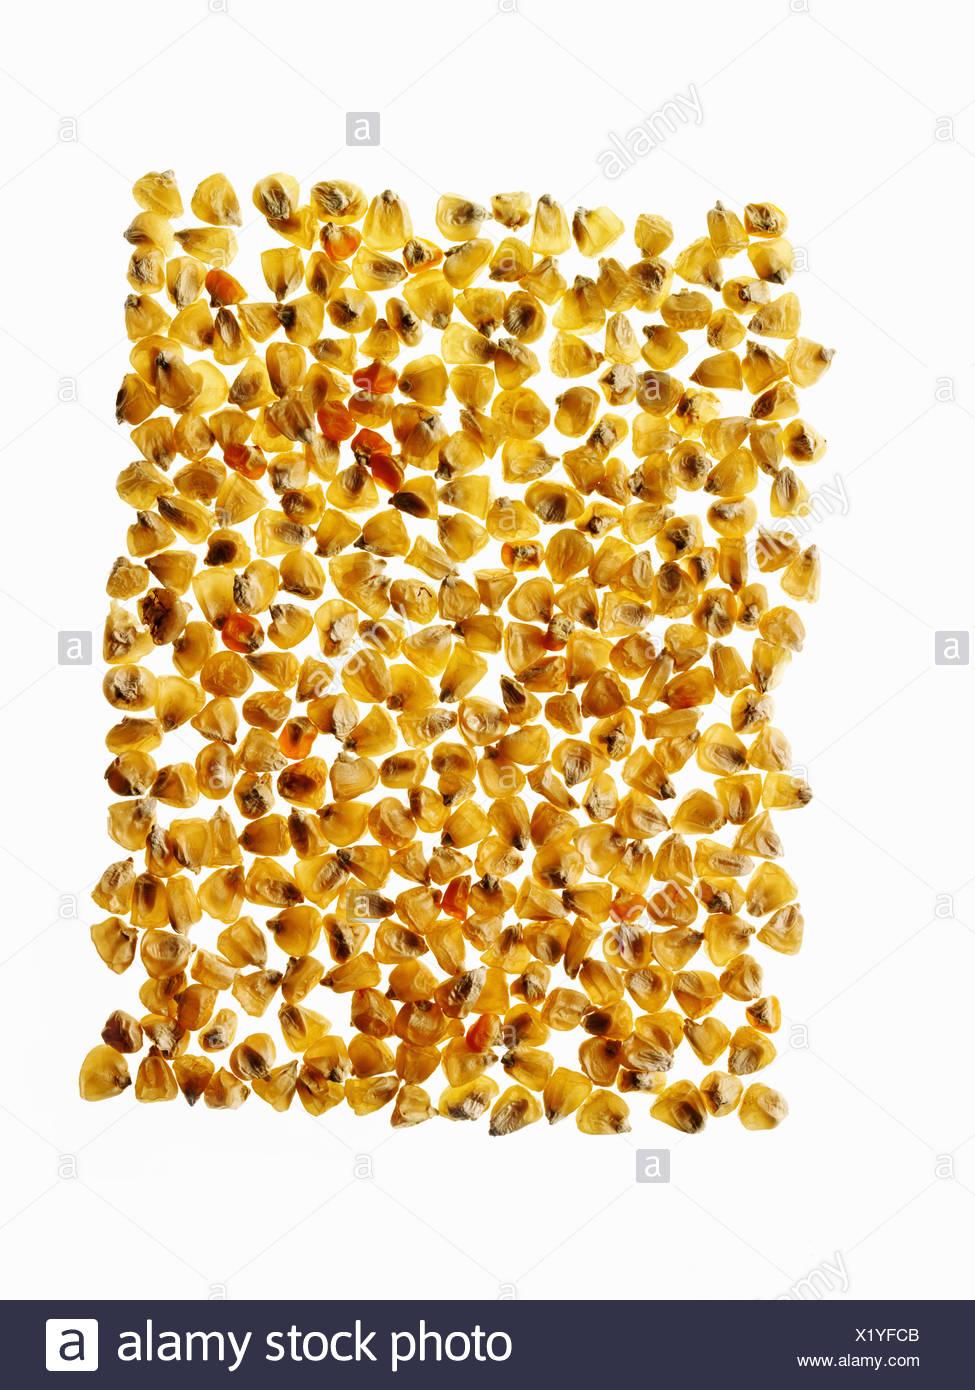 Gruppo di mais chicchi di granturco disposti nel modello Immagini Stock